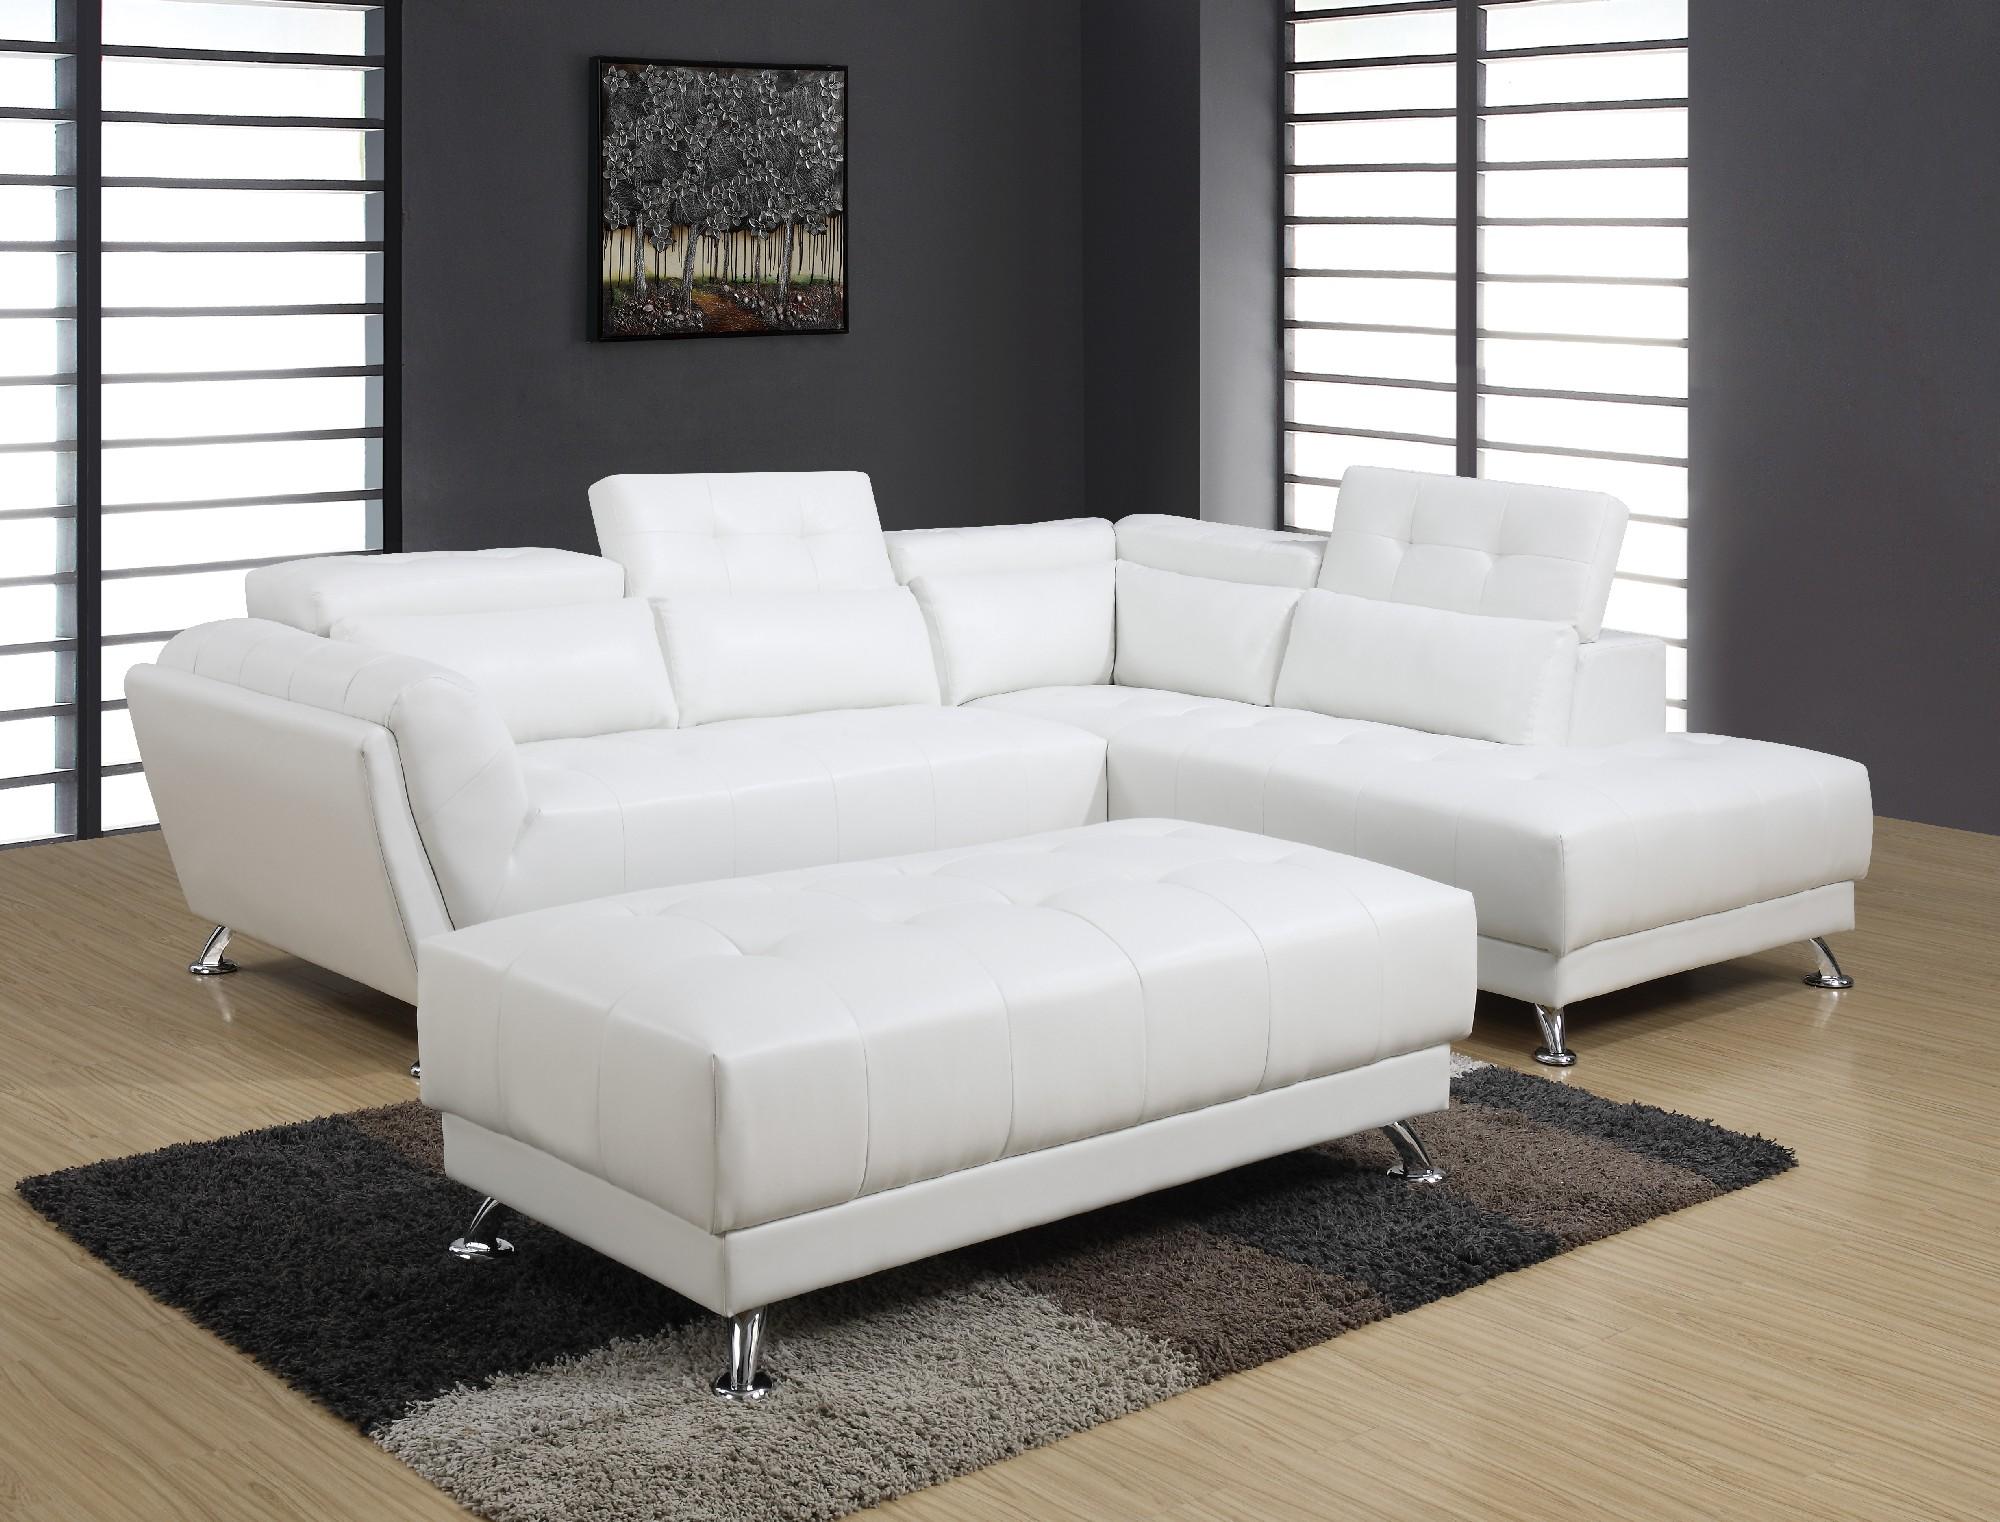 U8859 White PU Sectional Sofa by Global Furniture